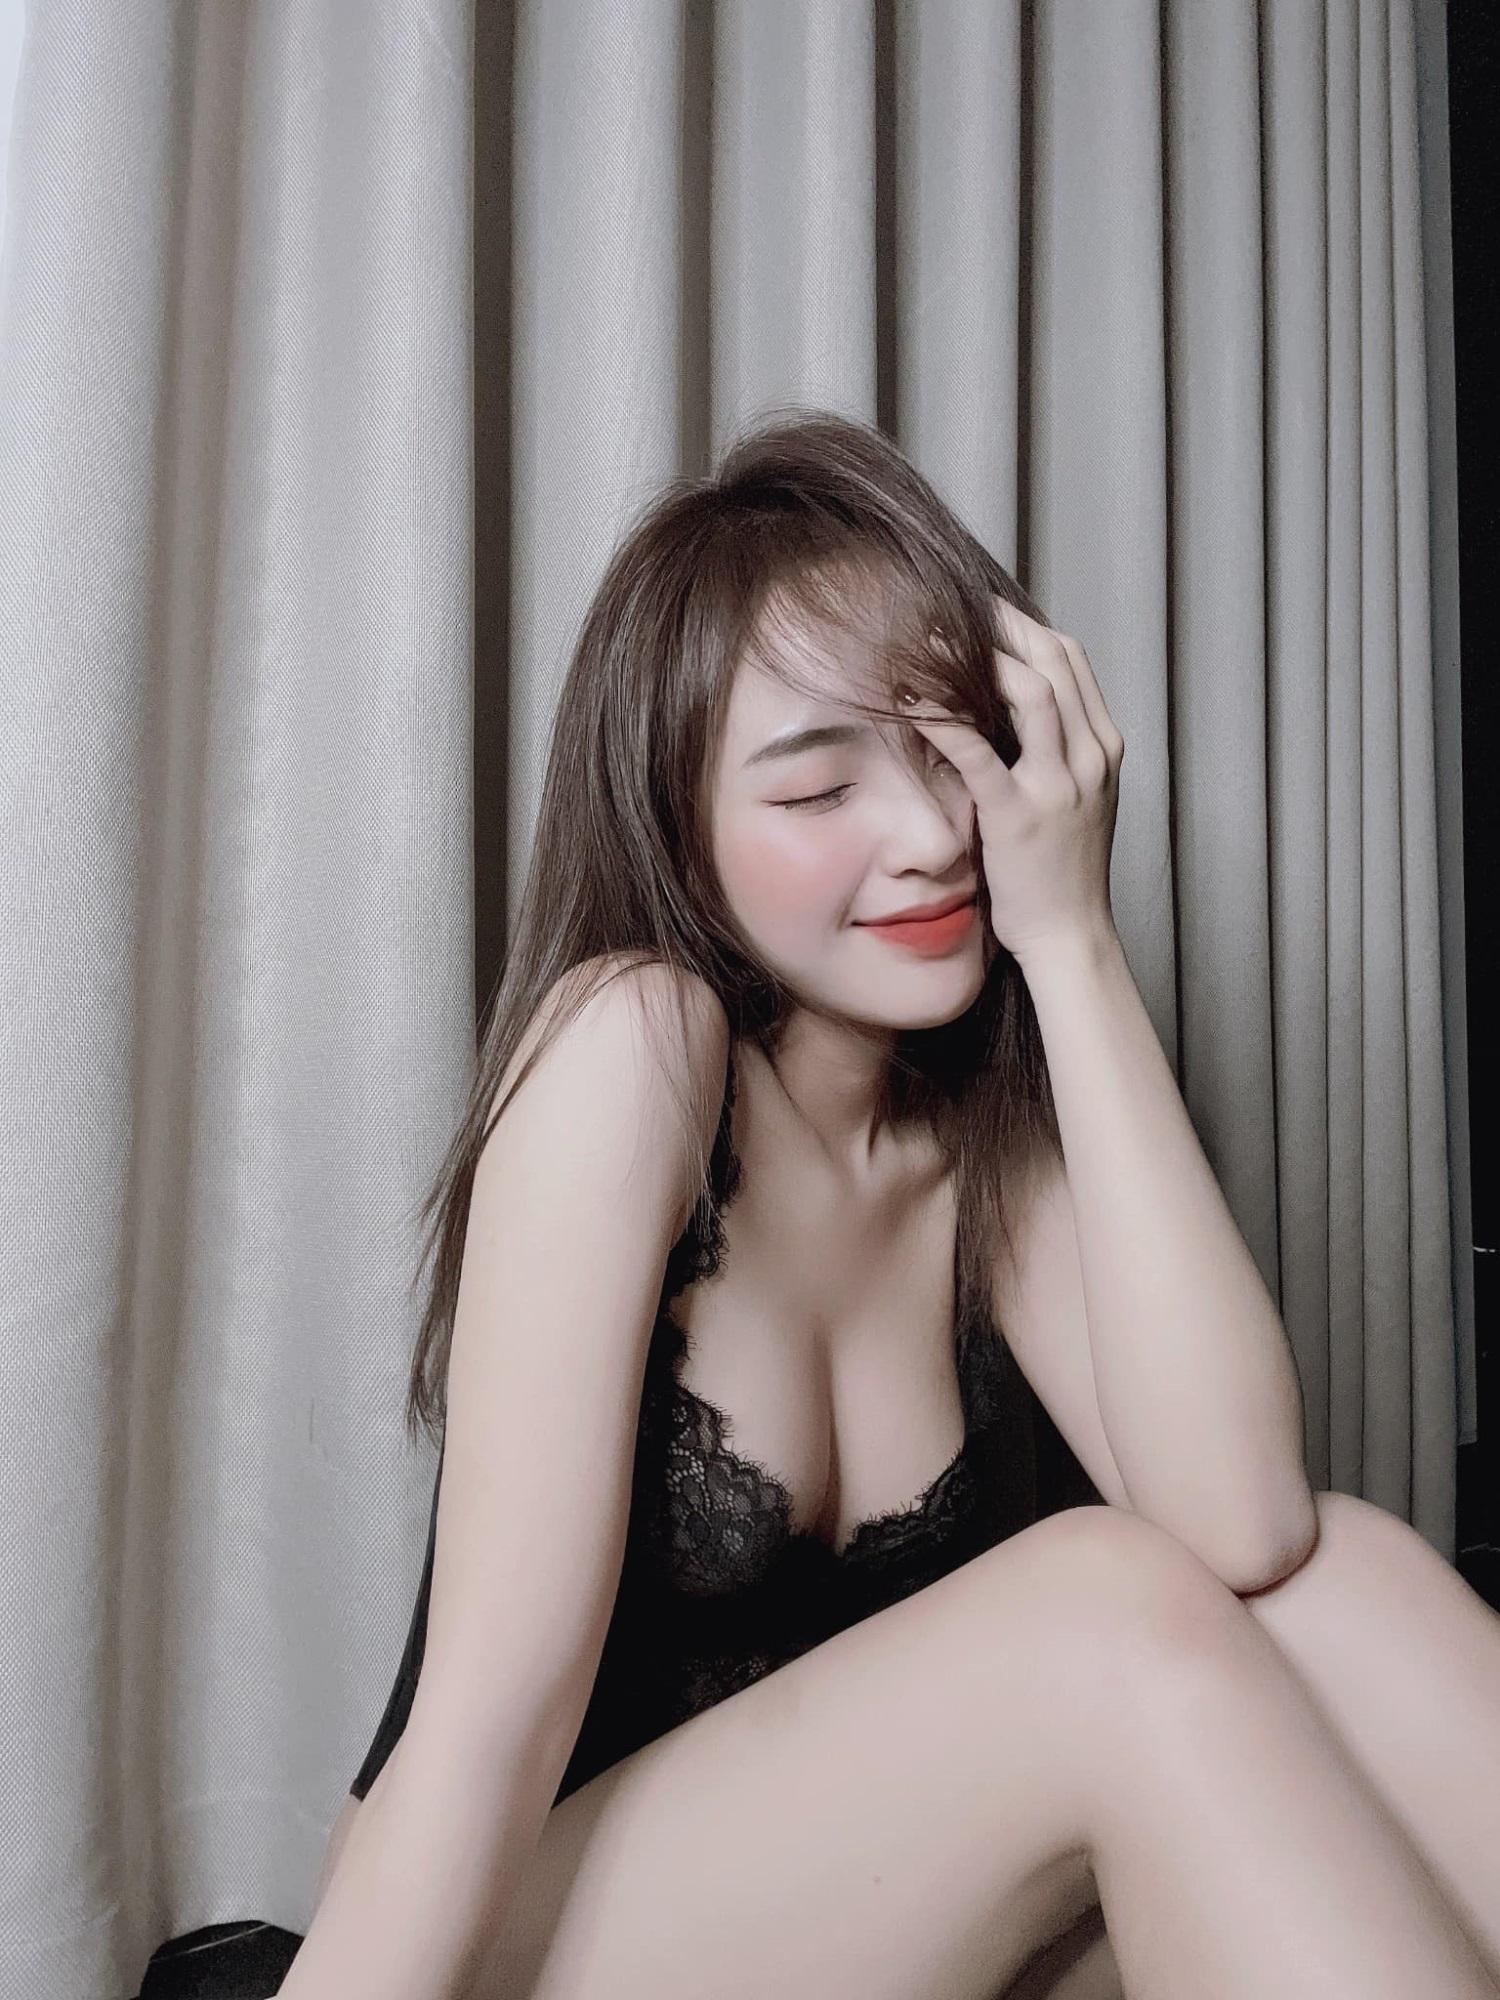 Nàng hotgirl Việt 'thả dáng' nửa kín nửa hở trước ống kính, đốn tin dân mạng sau nghi vấn lộ clip nhạy cảm - Ảnh 7